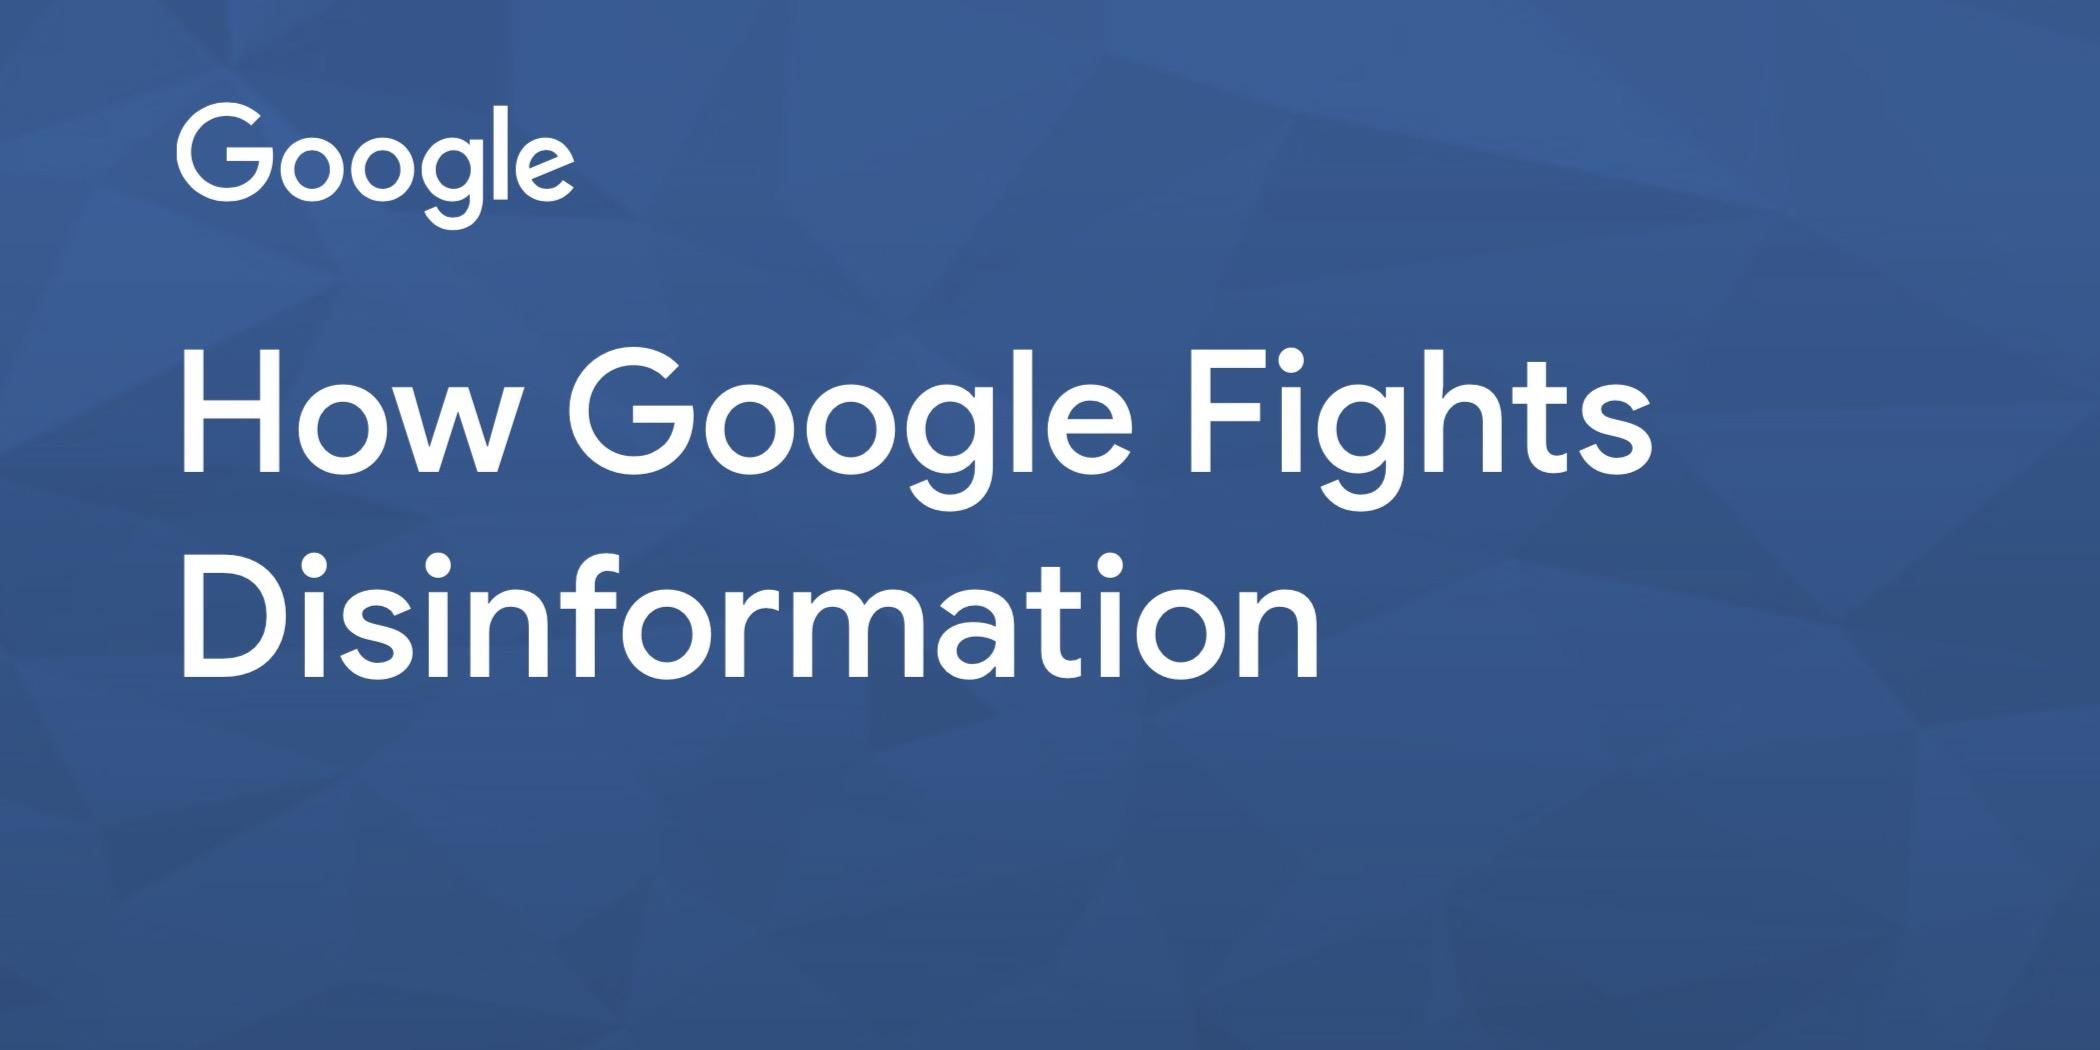 Google erläutert, wie es gegen gefälschte Nachrichten in den Suchergebnissen, Nachrichten, YouTube und Anzeigen kämpft